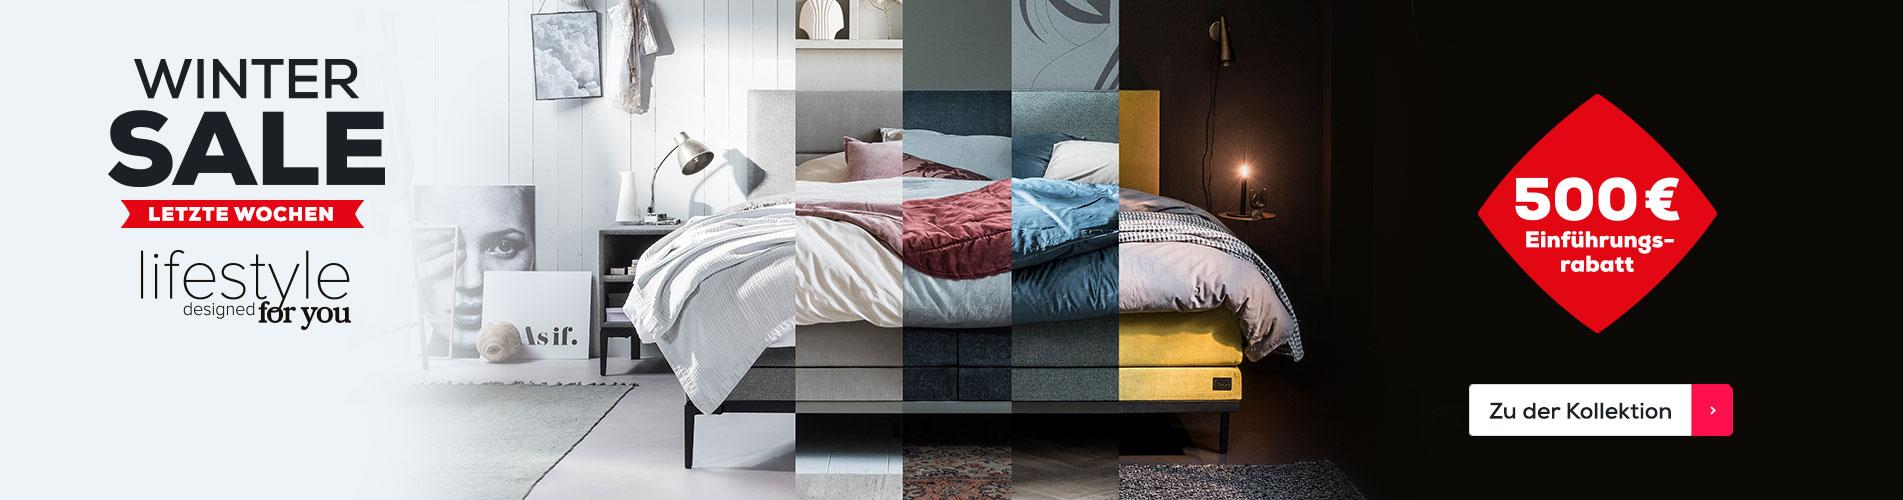 Lifestyle designed for you Kollektion letzte Wochen| Swiss Sense